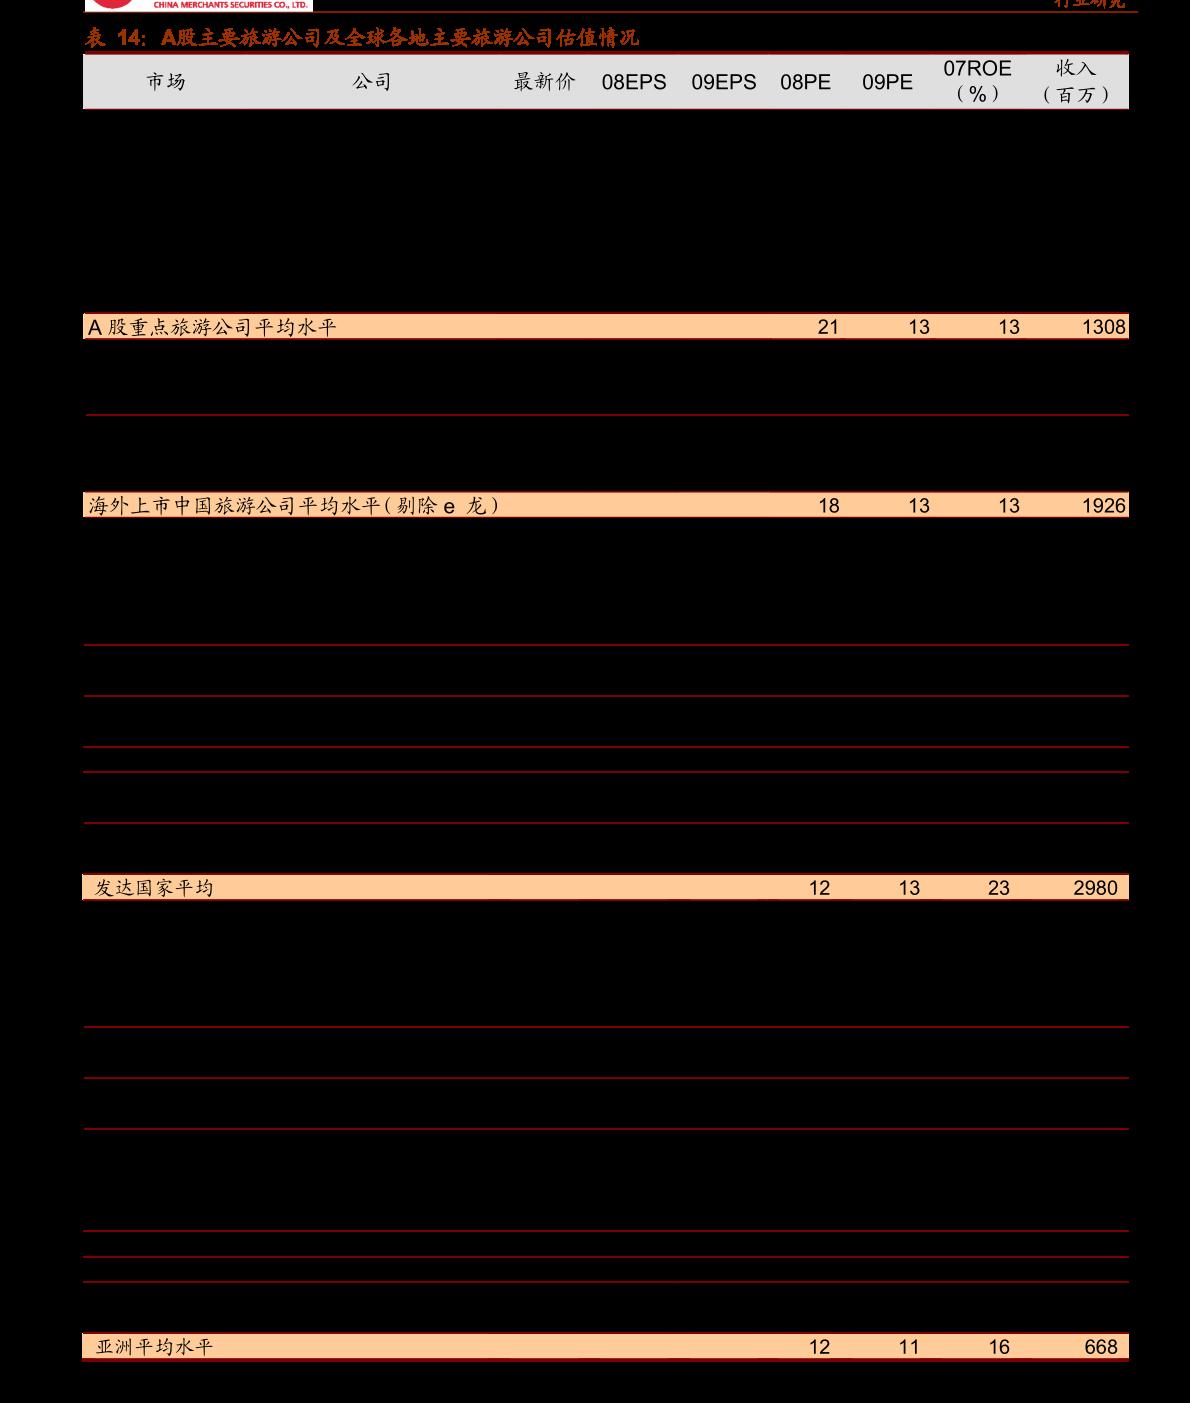 国泰君安-医药雷火网址零售药店医保定点管理政策点评:连锁药店龙头有望受益-210112